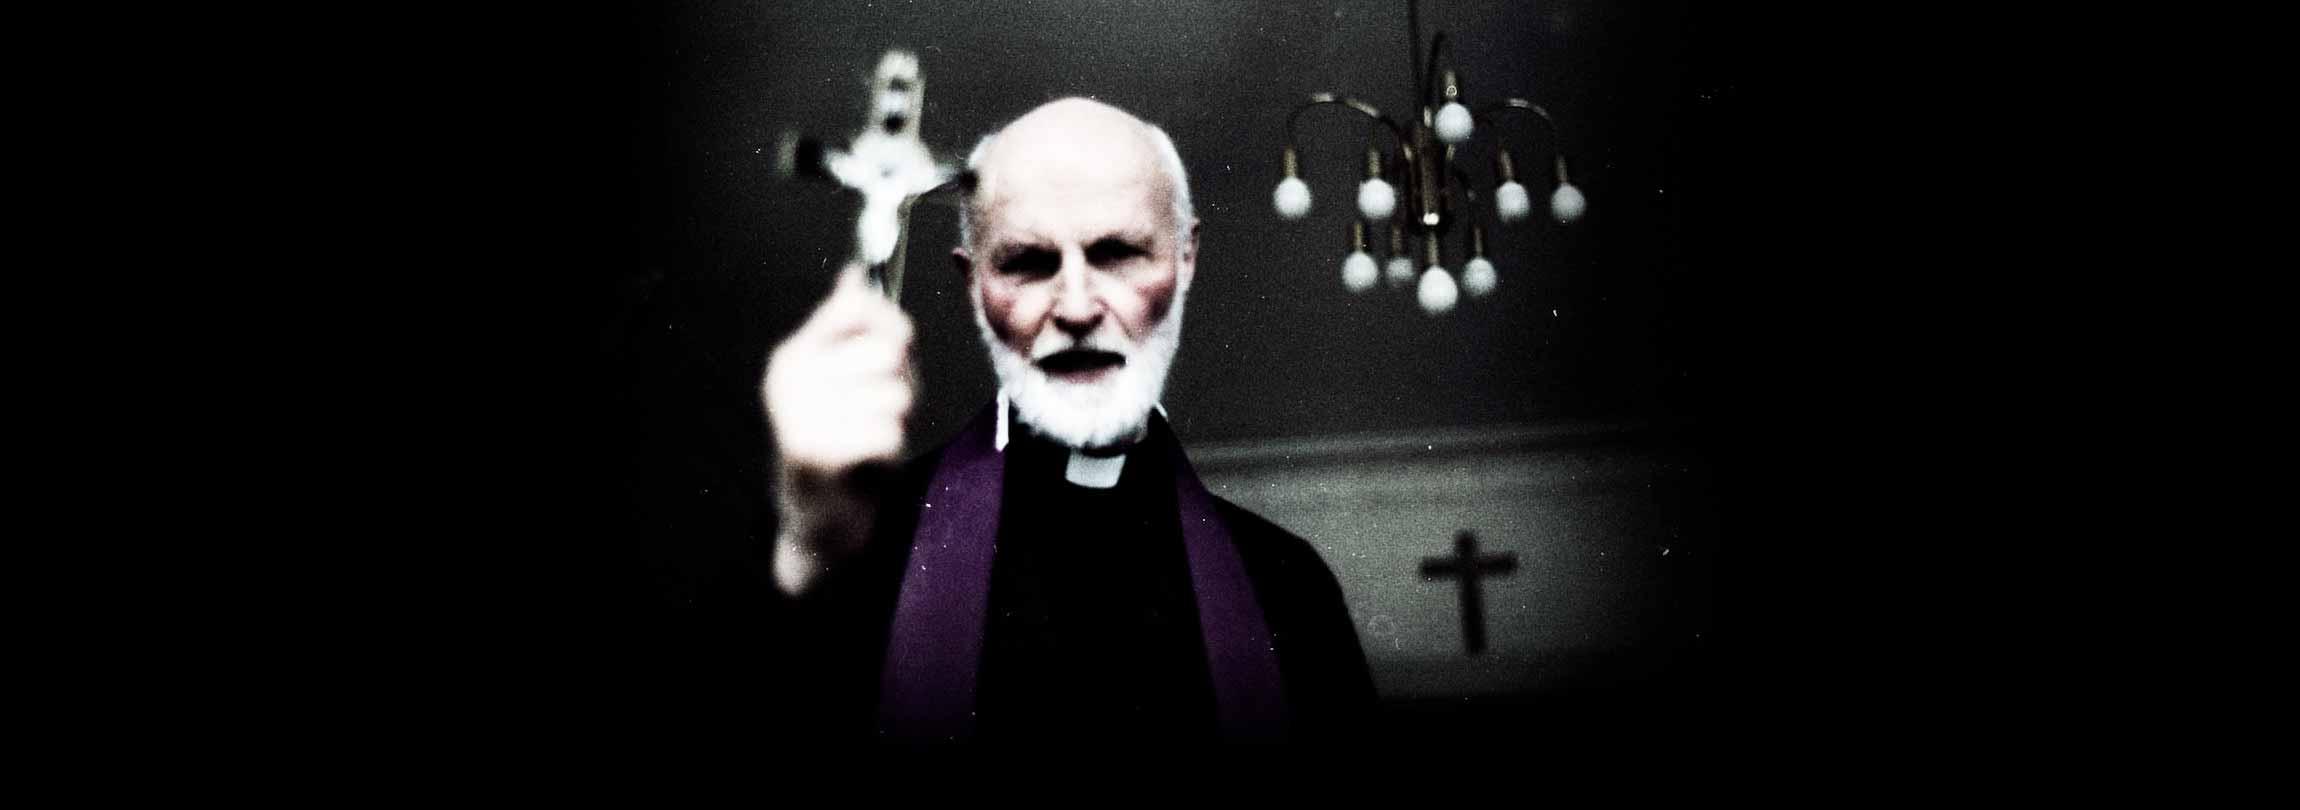 Padre implora aos bispos por mais exorcistas na Irlanda